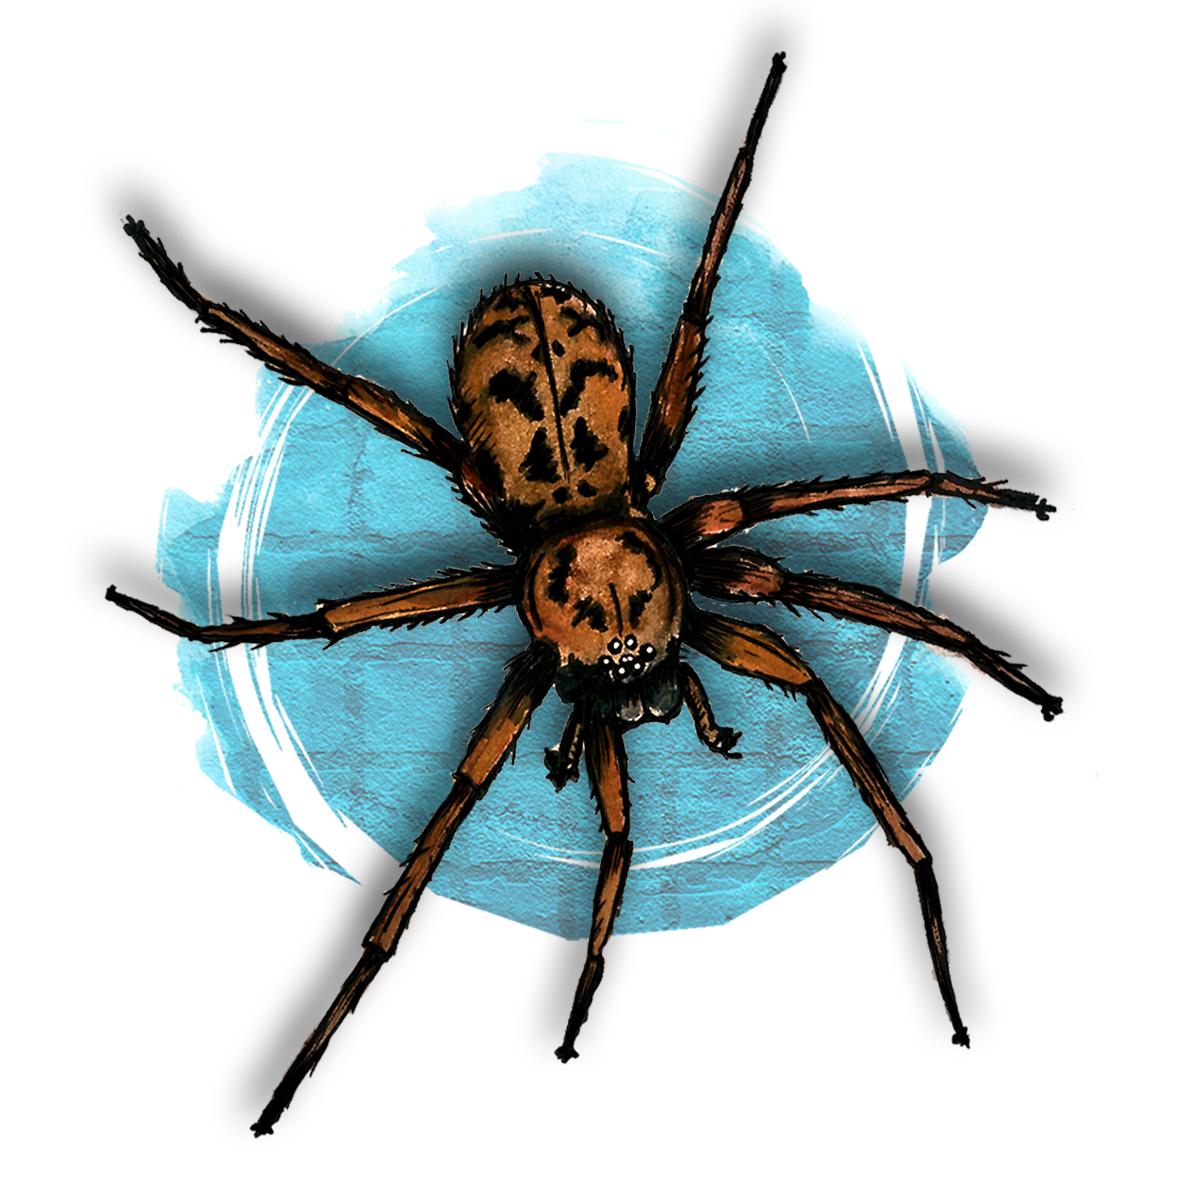 2. Spider